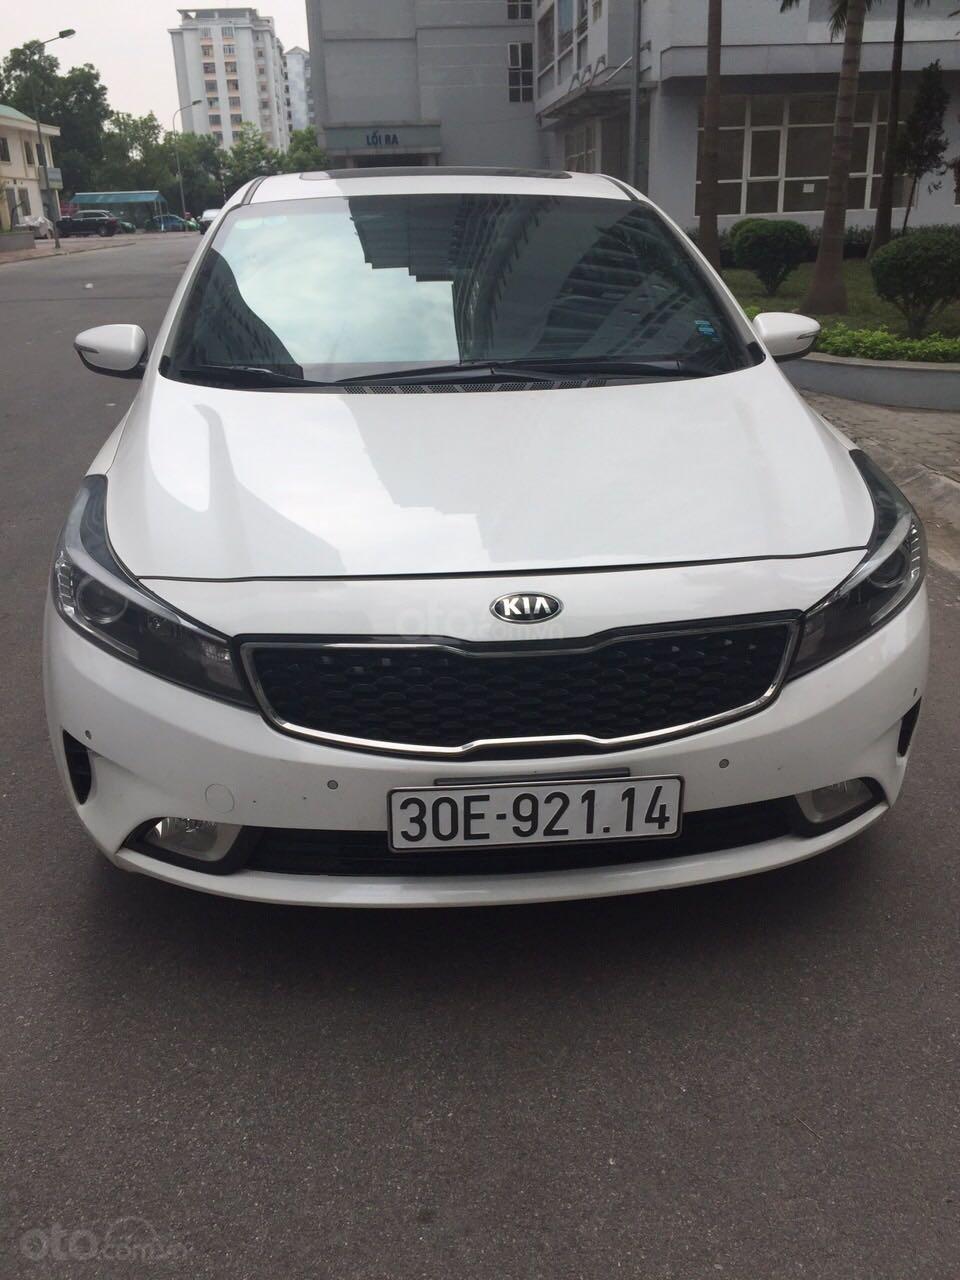 Cần bán Kia Cerato sản xuất 2017, màu trắng, nhập khẩu nguyên chiếc, giá 586 triệu đồng (1)